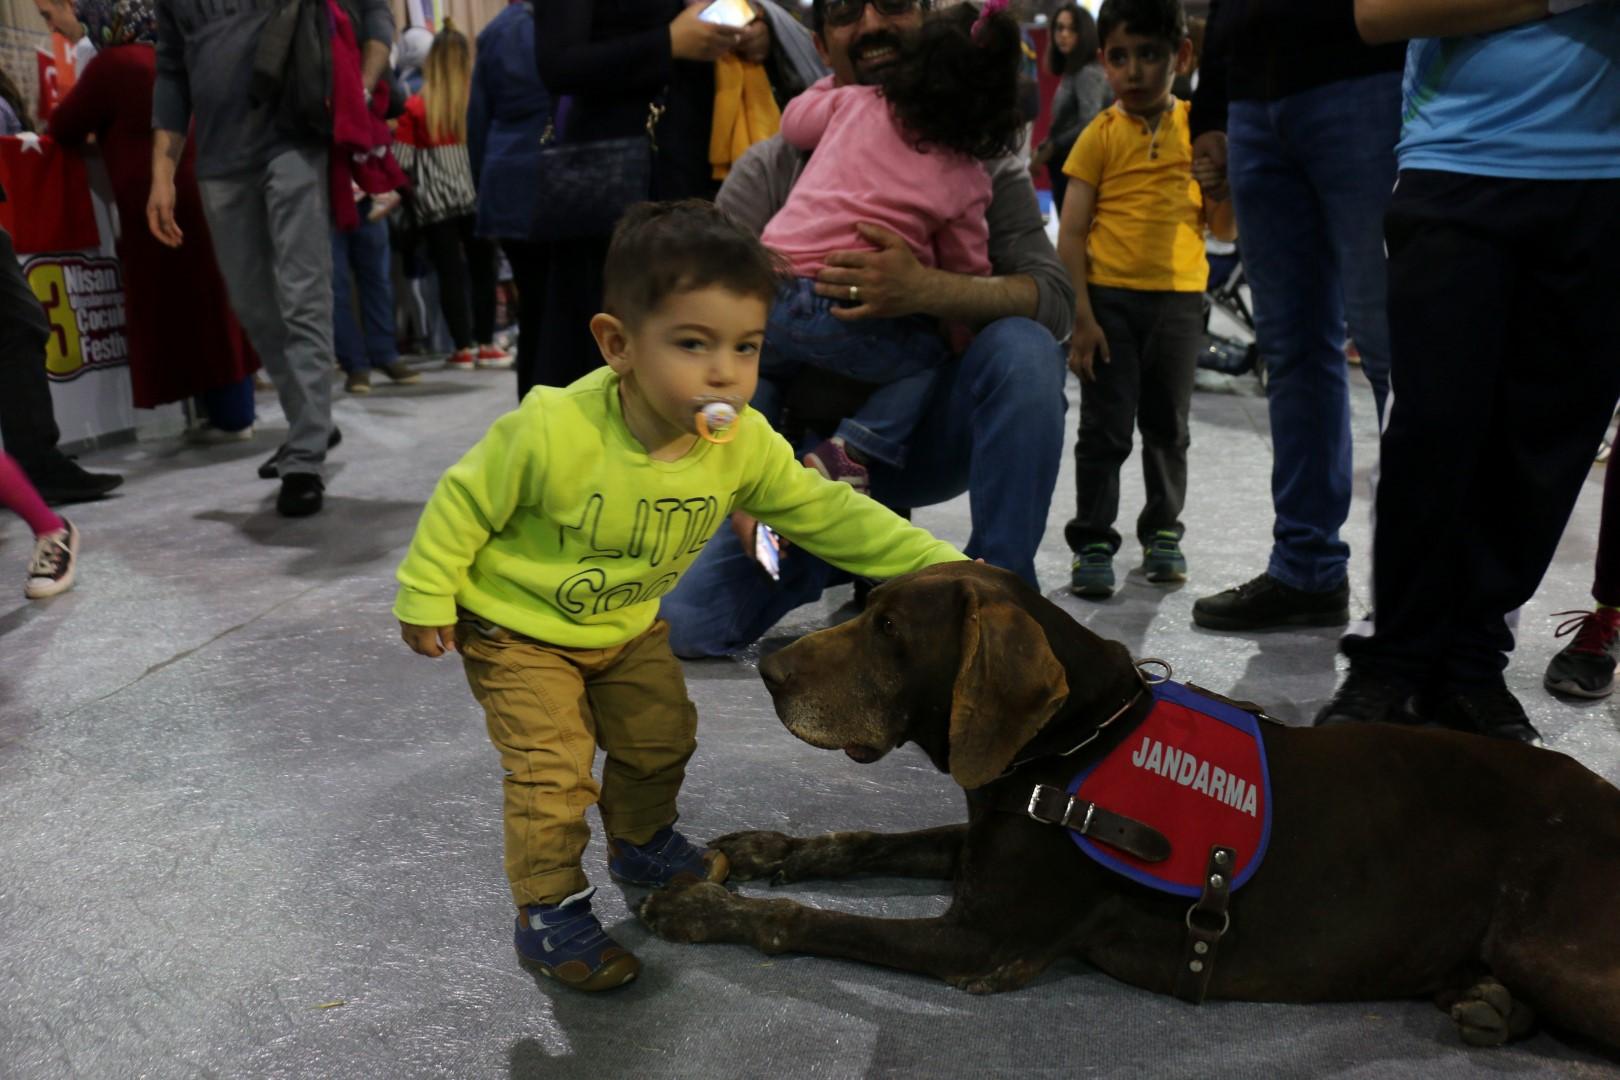 Jandarma köpeği Vaka ilgi odağı oldu